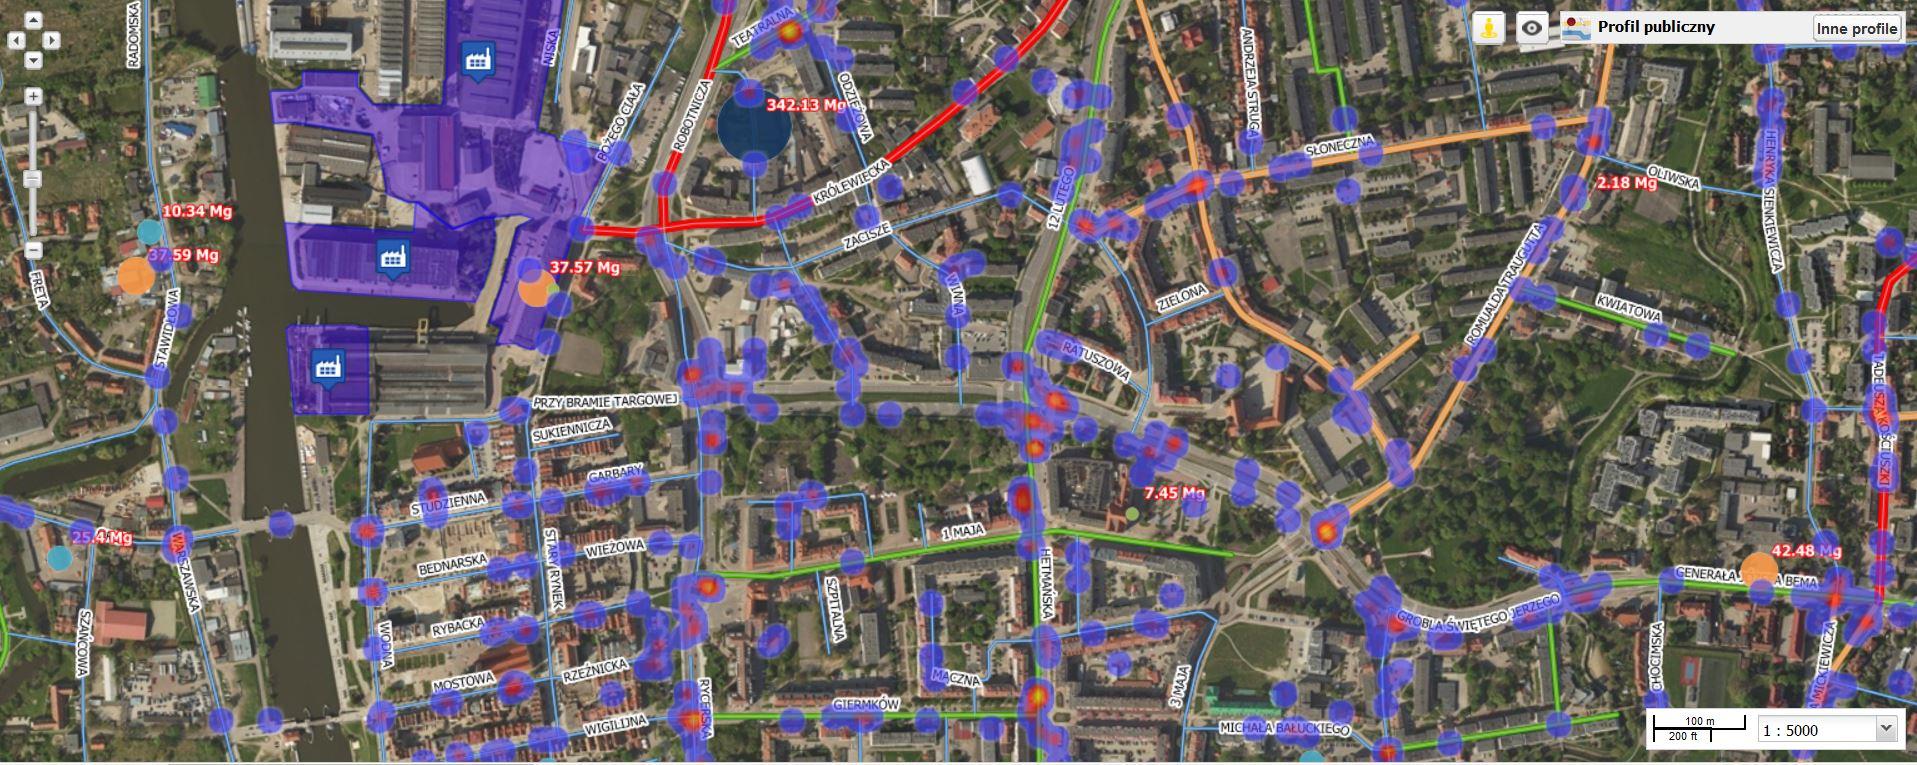 Analizy geospatial intelligence